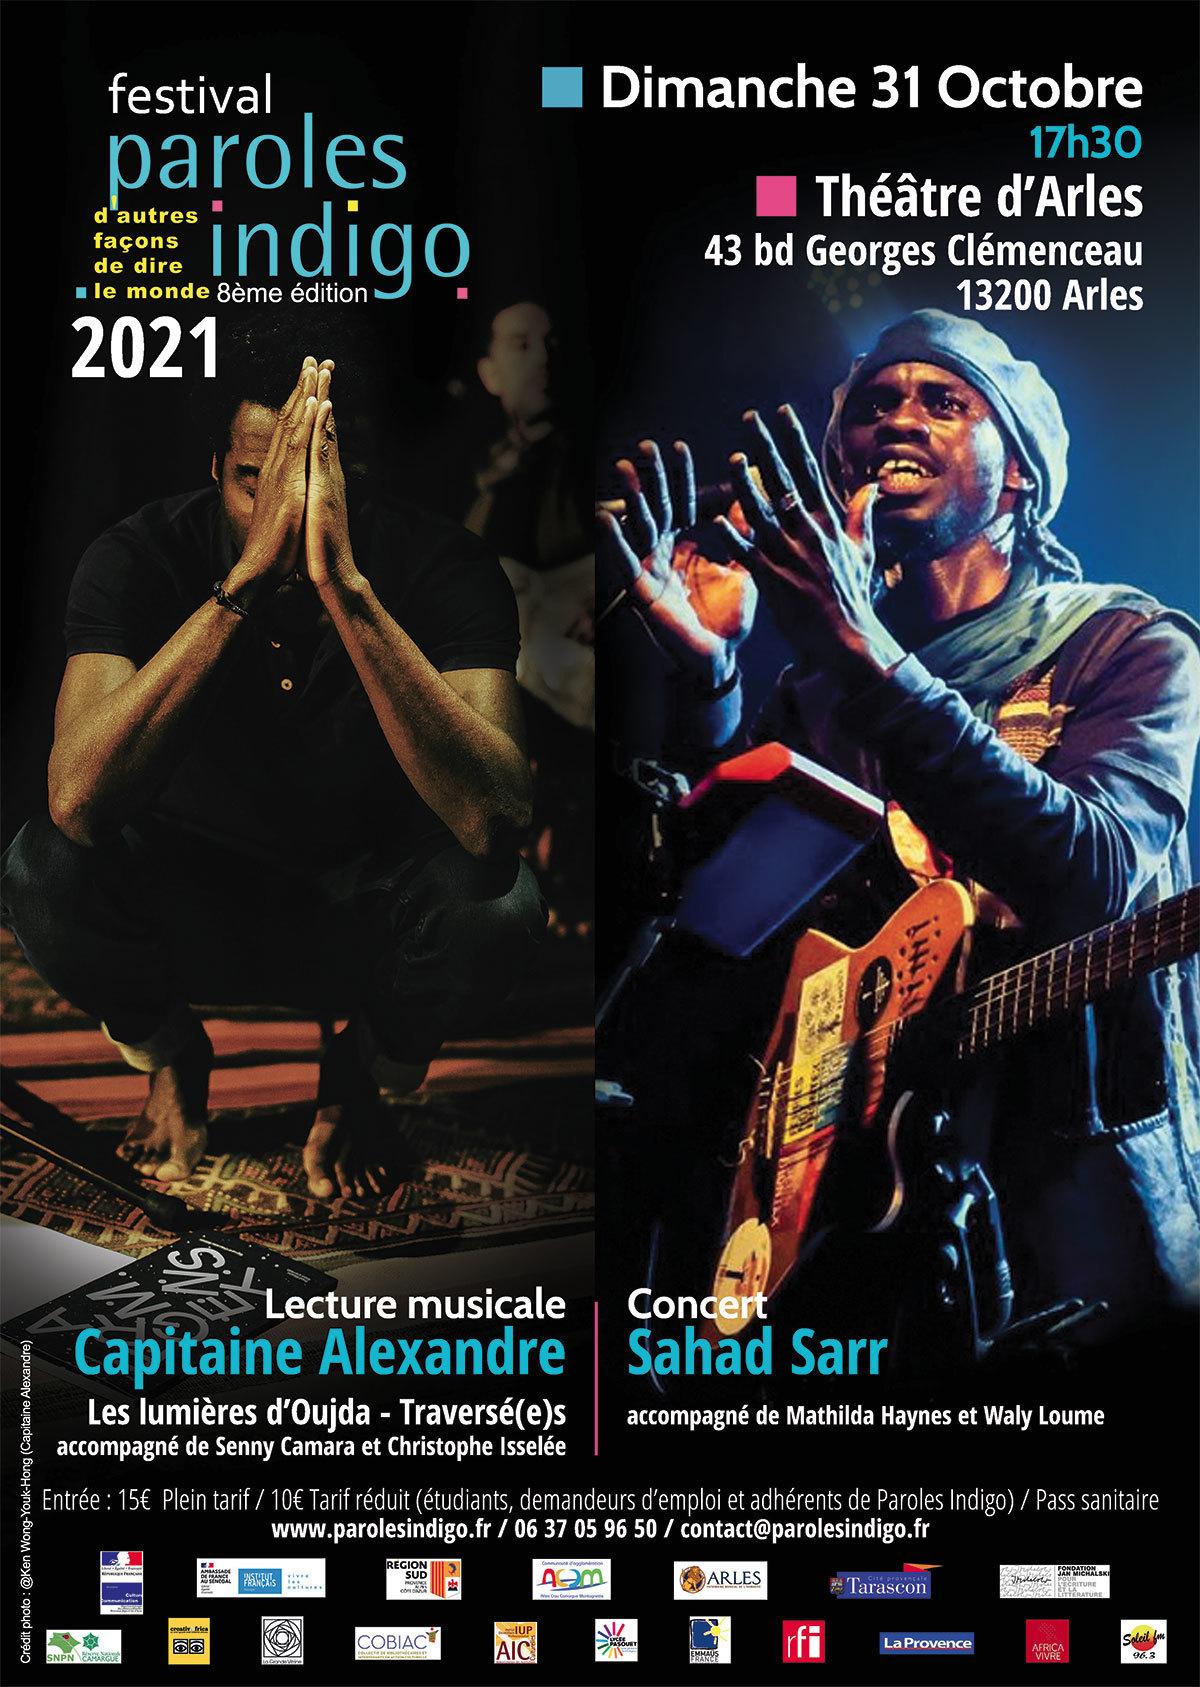 Feu d'artifice musical et littéraire pour clôturer la 8ème édition du festival Paroles Indigo. Marc-Alexandre Oho Bambe et Saad Sarr enflammeront la scène accompagnés de leurs musiciens.